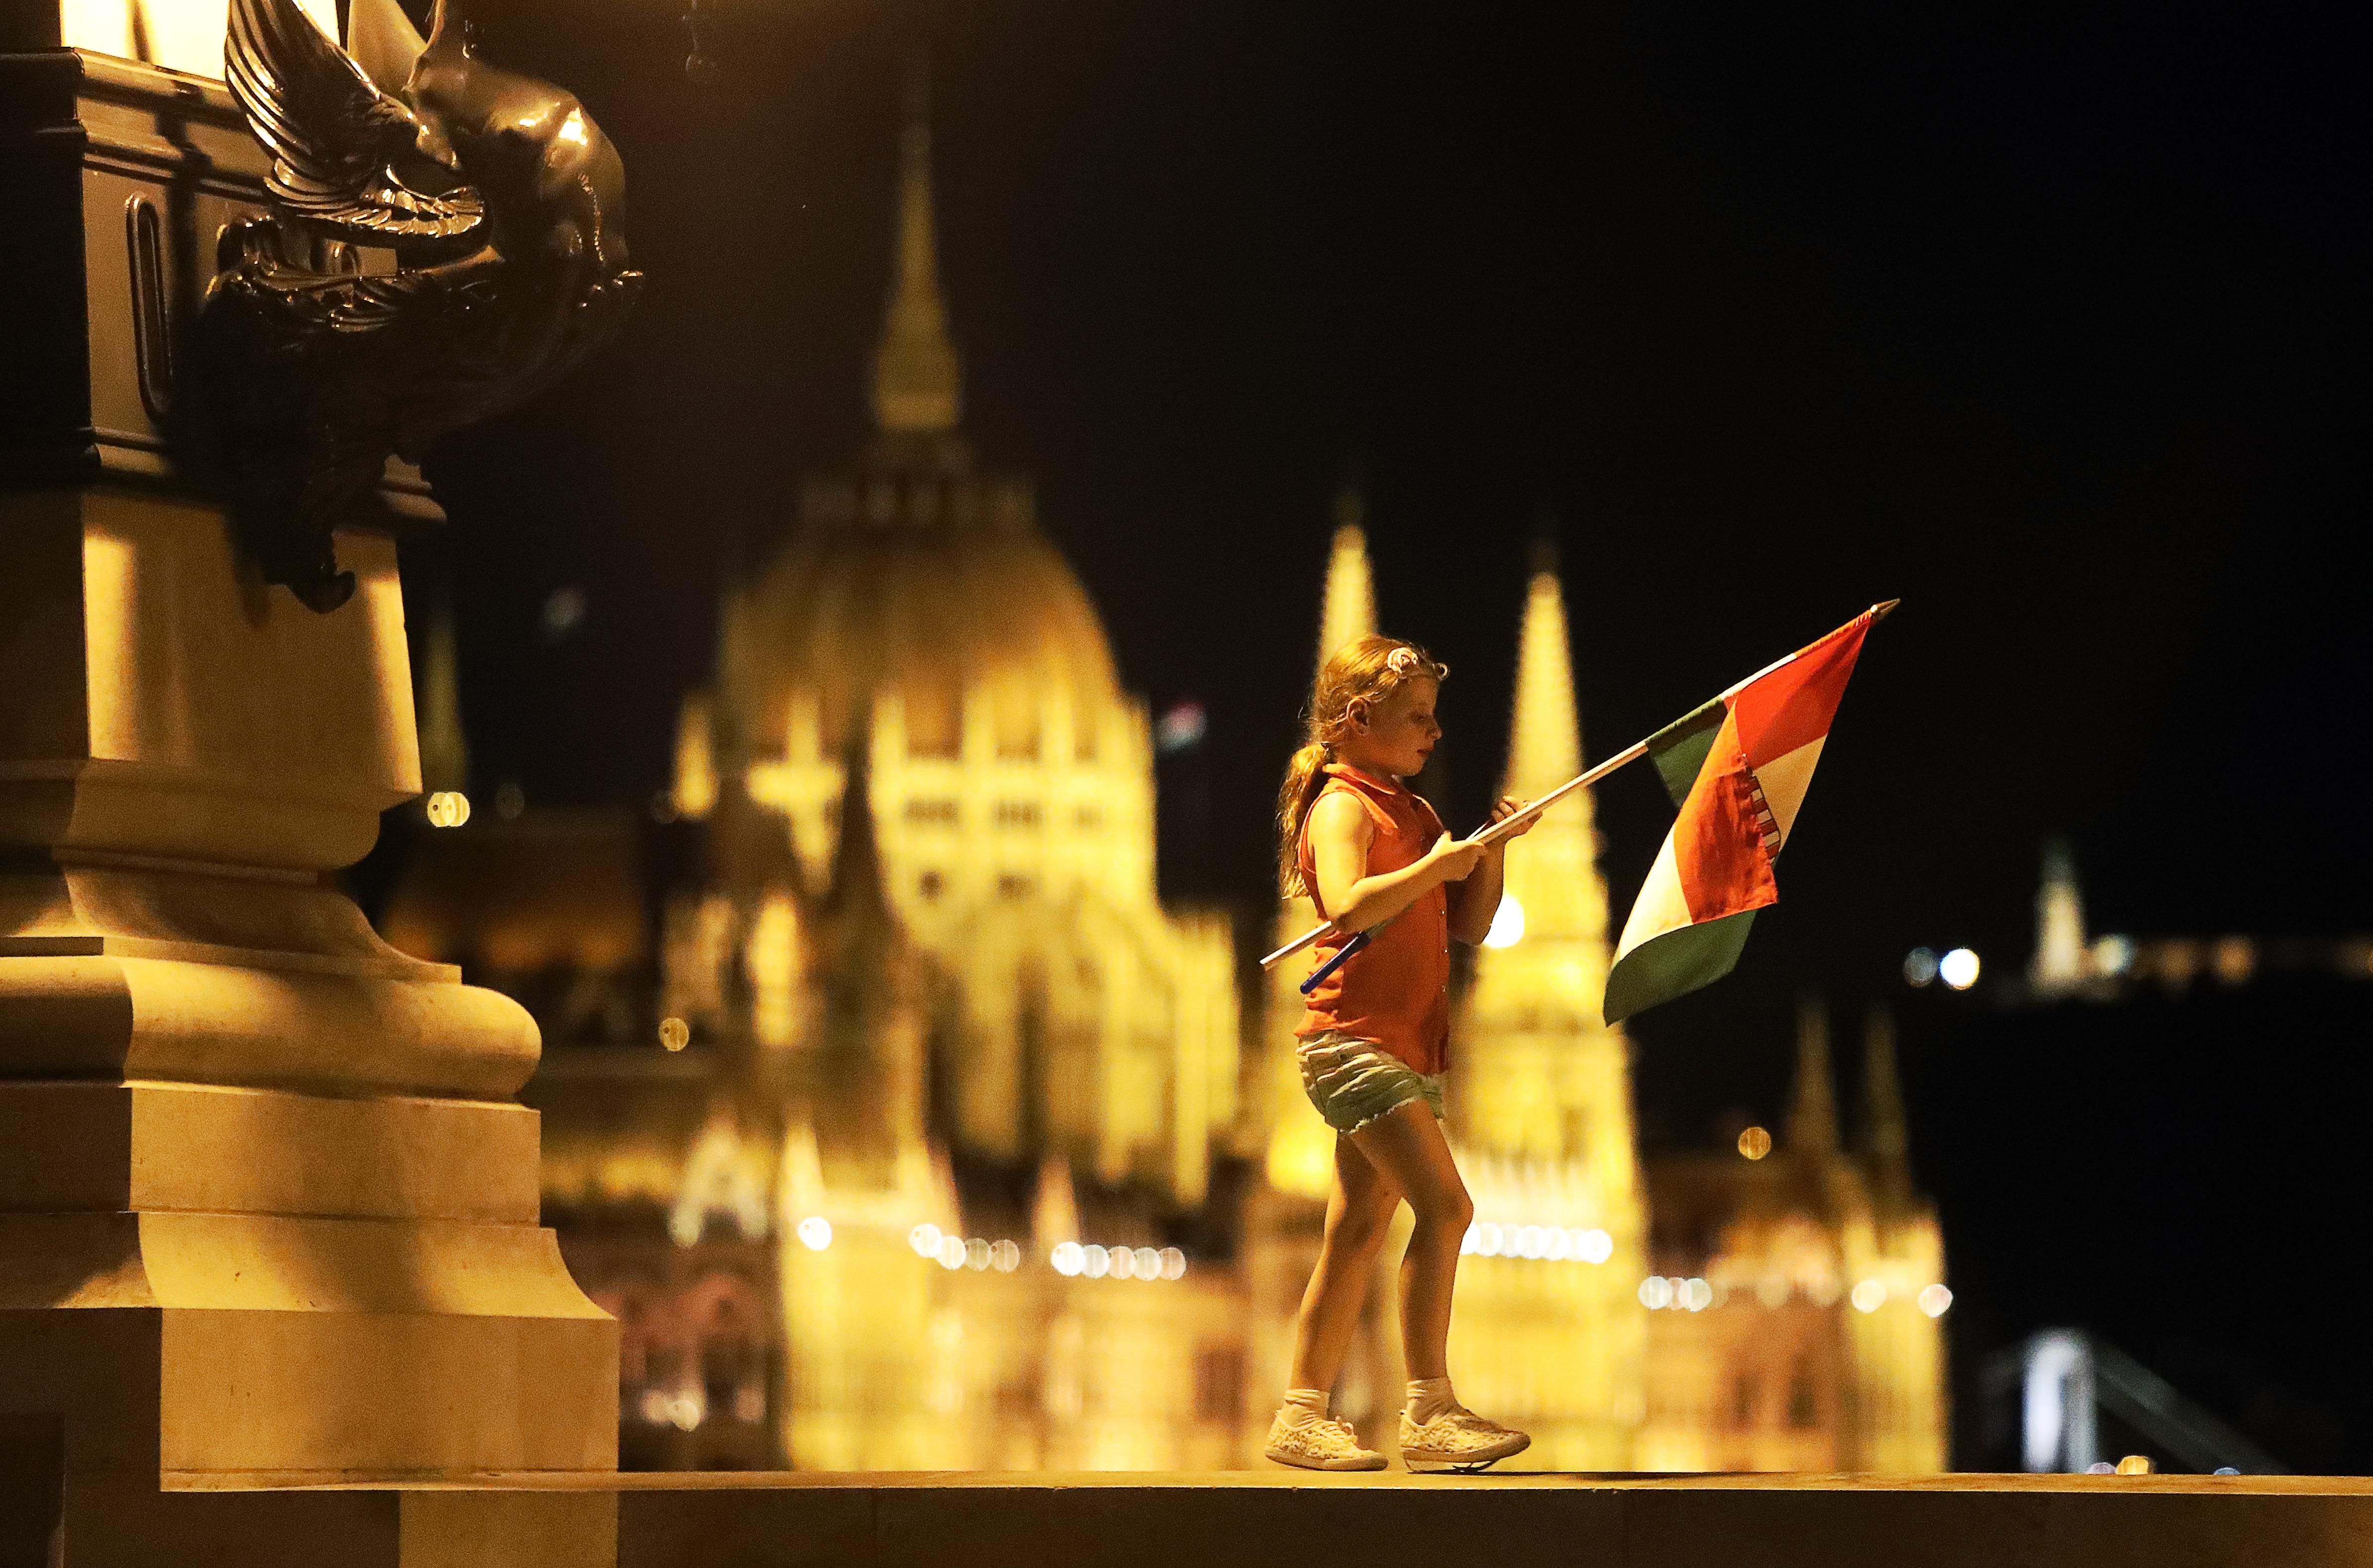 A magyarok 61 százaléka szerint rossz irányba mennek a dolgok